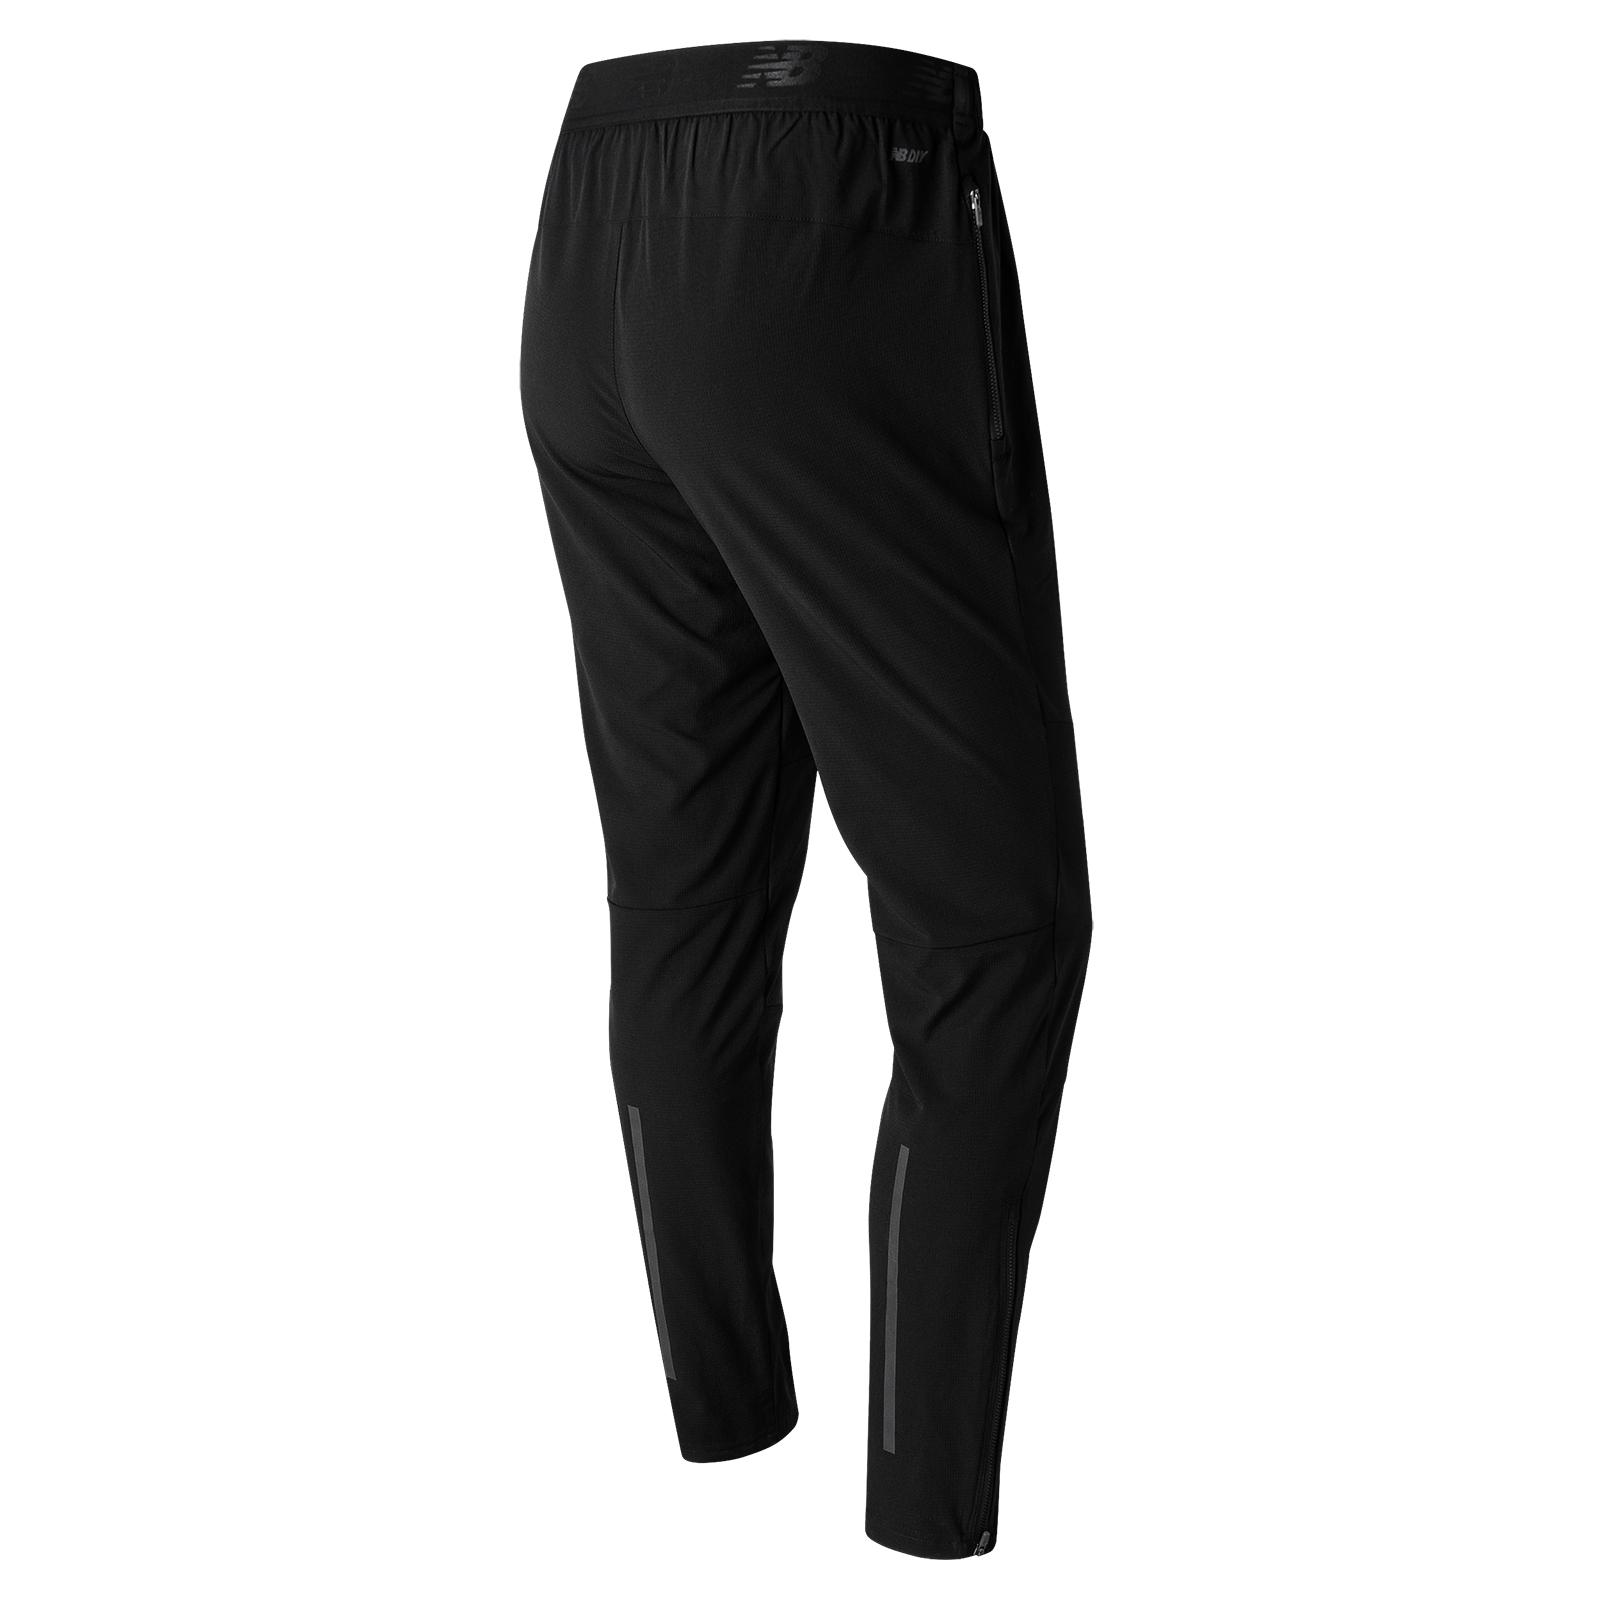 e58e67f173f3e New Balance Max Intensity Pants - Men's   MEC